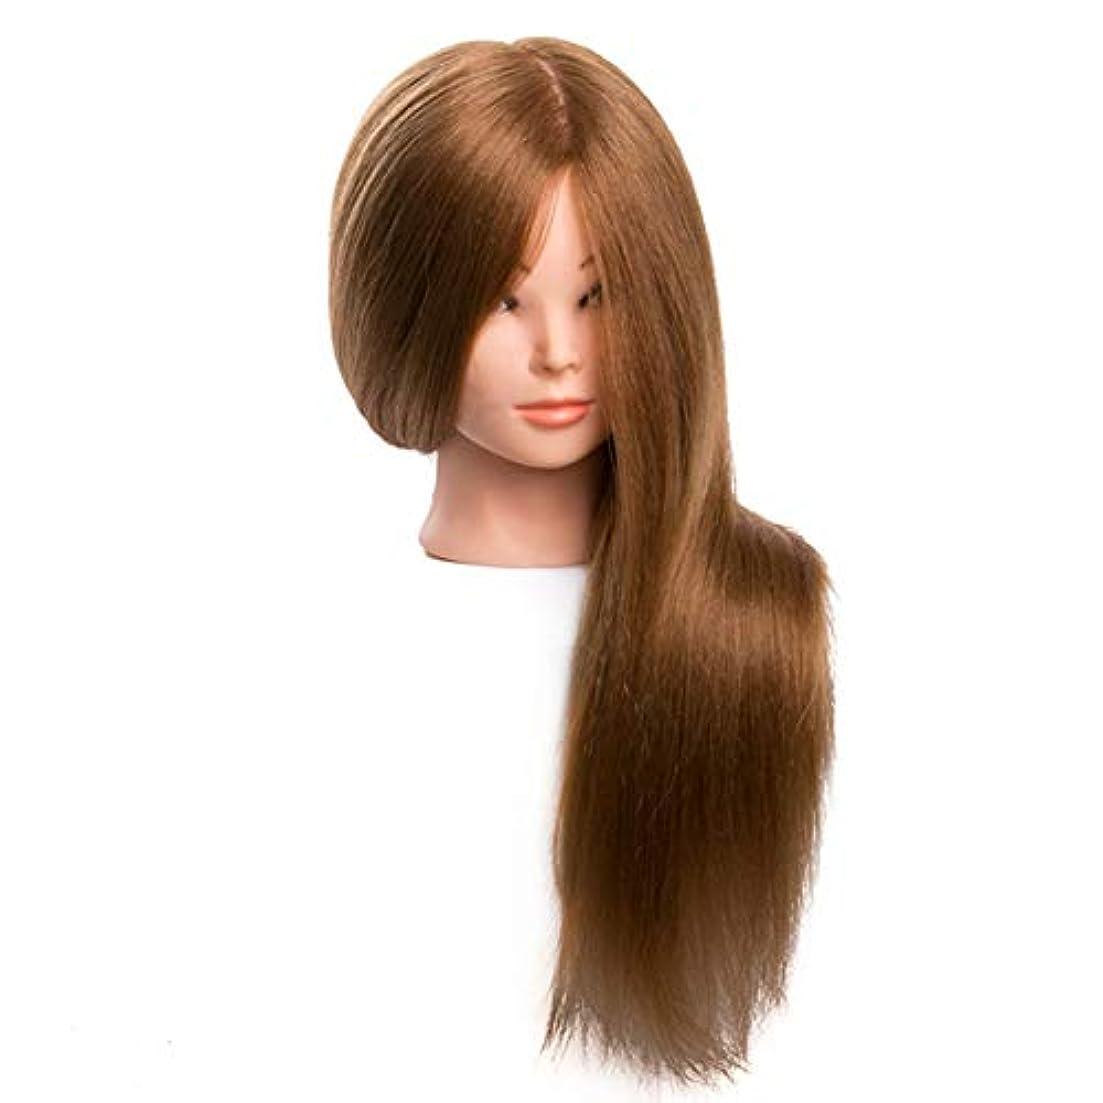 雰囲気無条件野生サロンエクササイズヘッド金型メイクディスクヘアスタイリング編組ティーチングダミーヘッド理髪ヘアカットトレーニングかつら3個